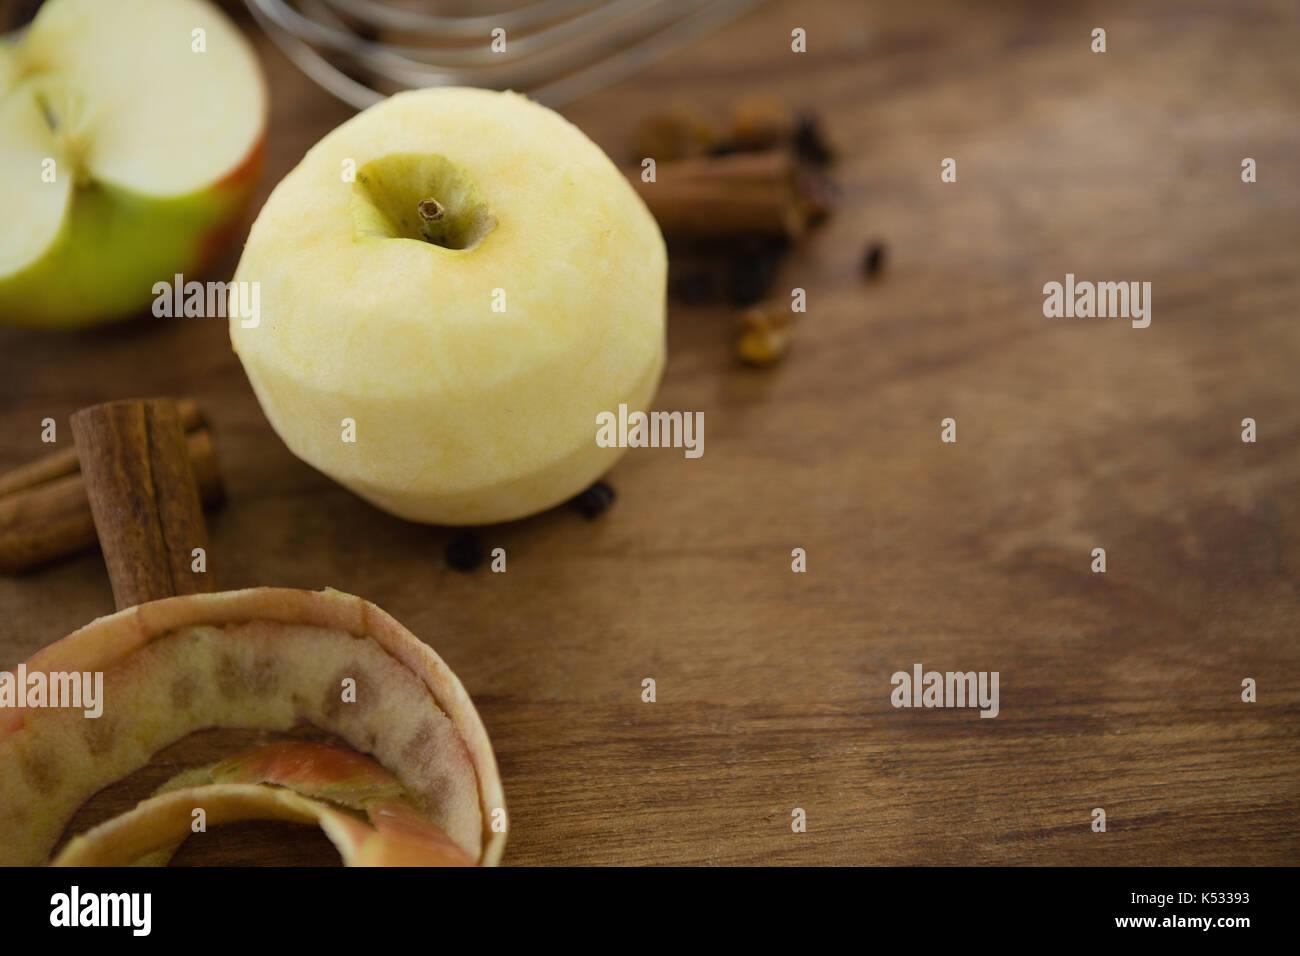 High angle view of Granny Smith apple avec des épices sur la table en bois Photo Stock